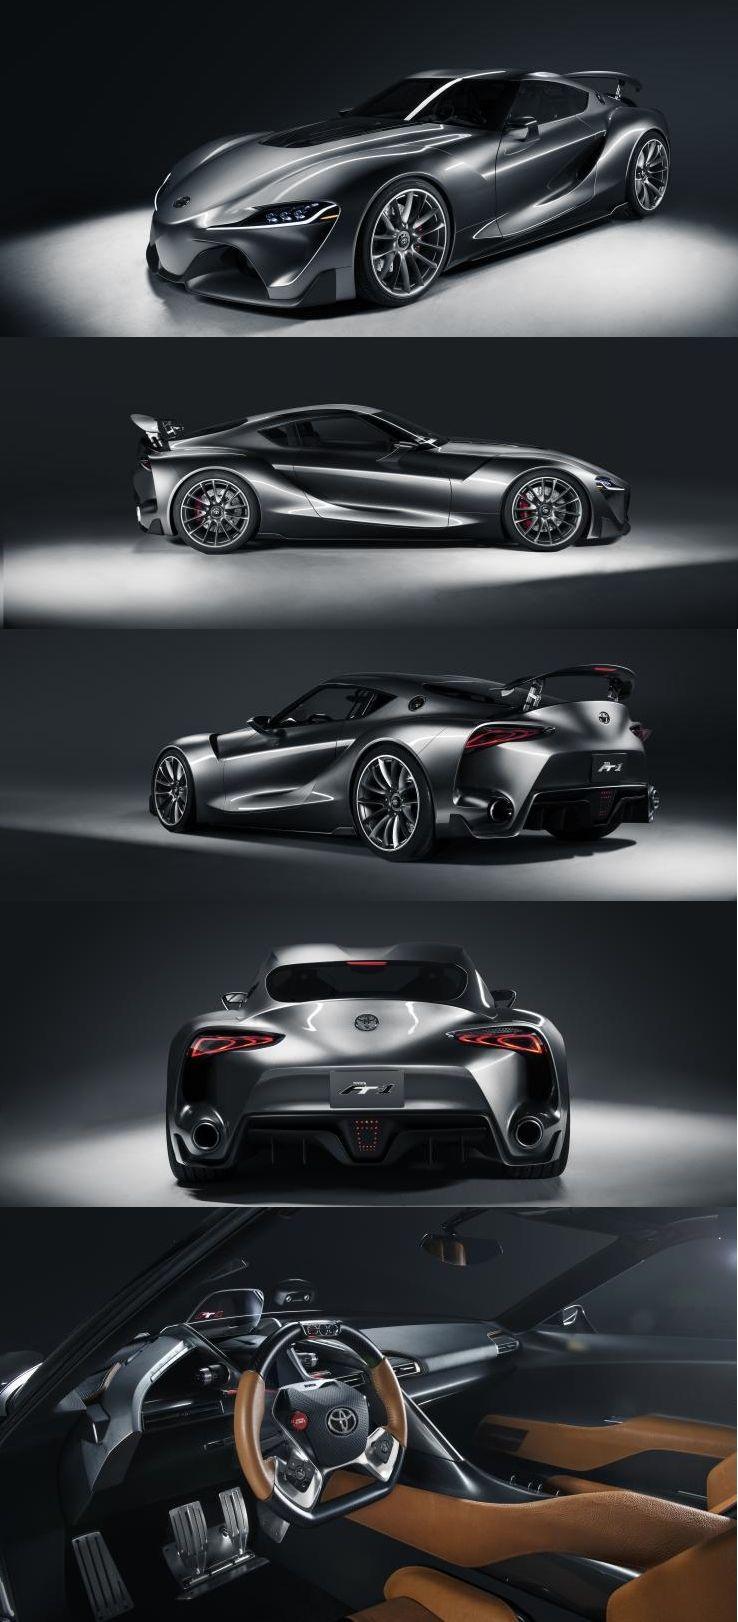 Toyota Ft 1 Concept Nissan Nismo Gtr Skyline Silvia Rvinyl Concept Cars Car Cars Toyota ft 1 sports concept car 4k